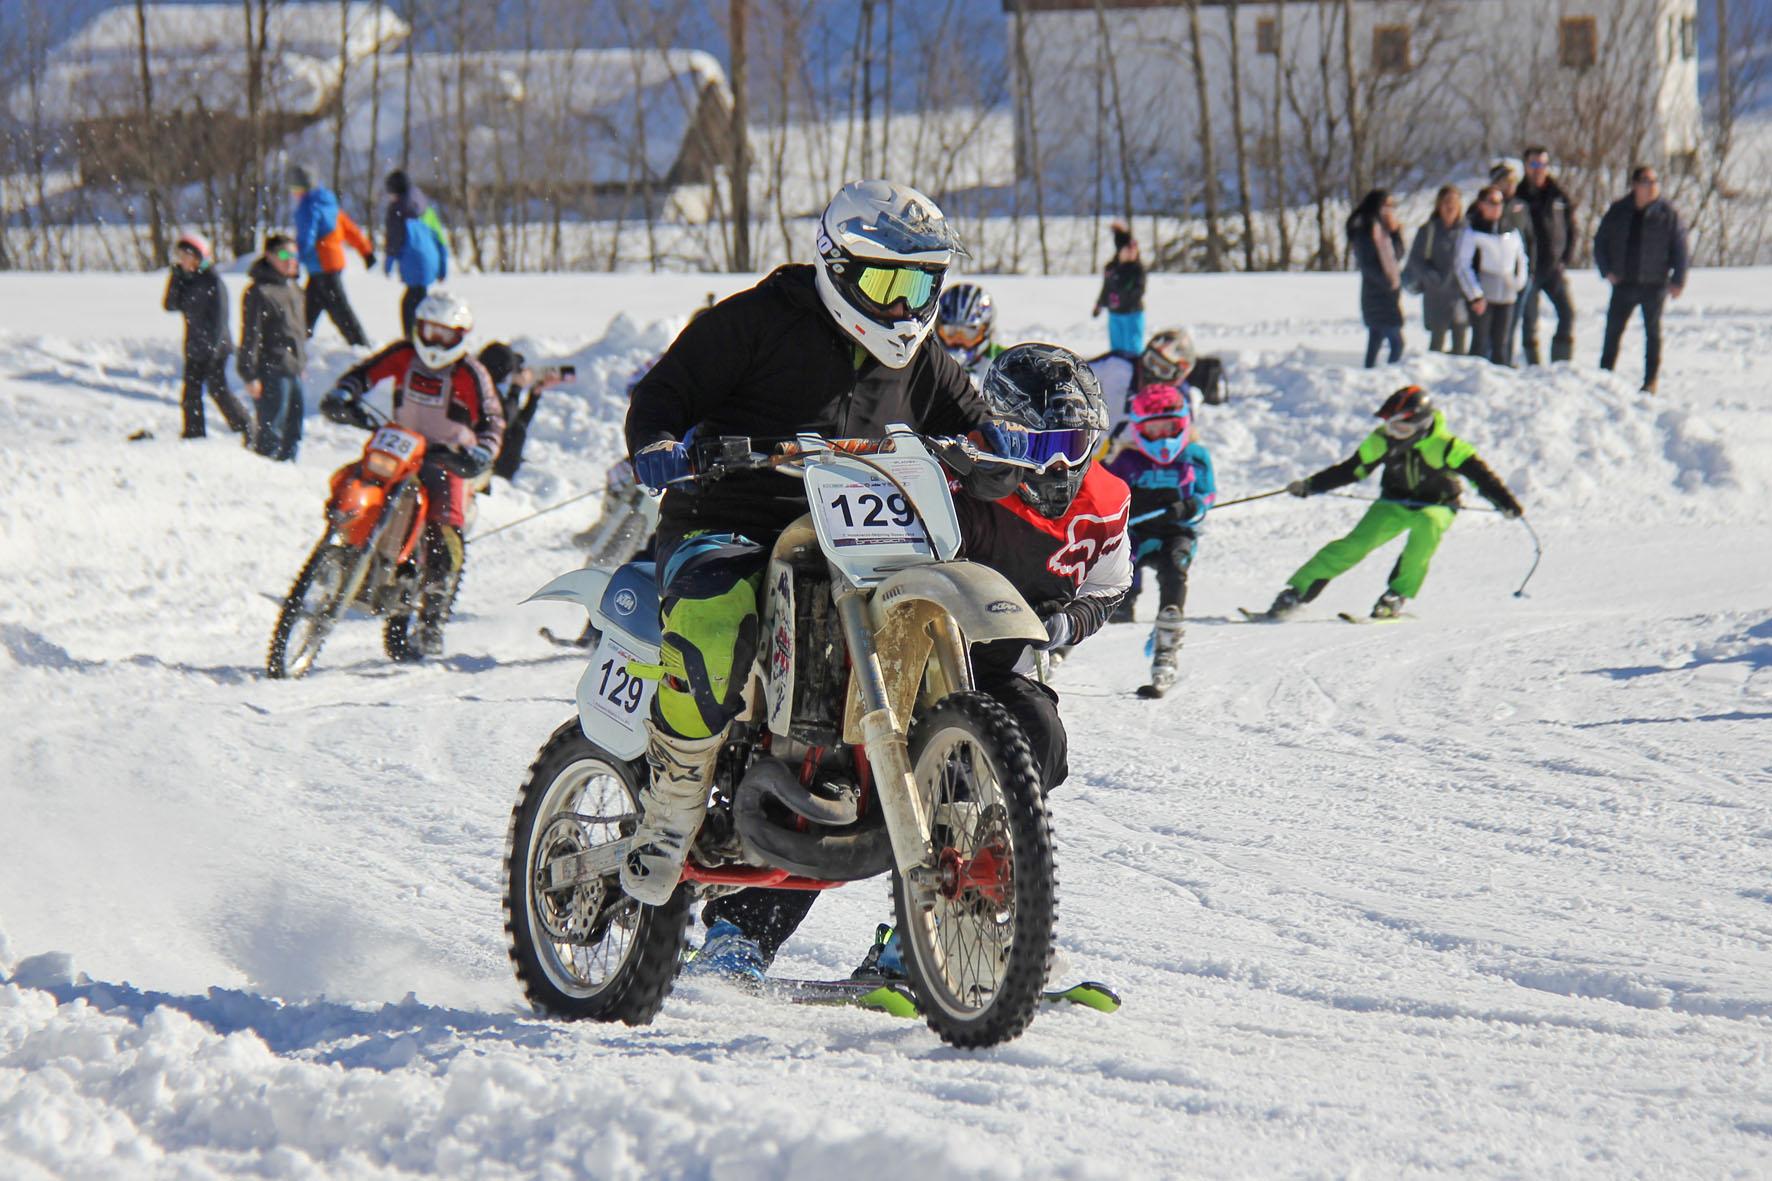 Holzknecht Skijöring Gosau _ Irlacher Felix und Eder Christian _ Bild Karl Posch _ LR